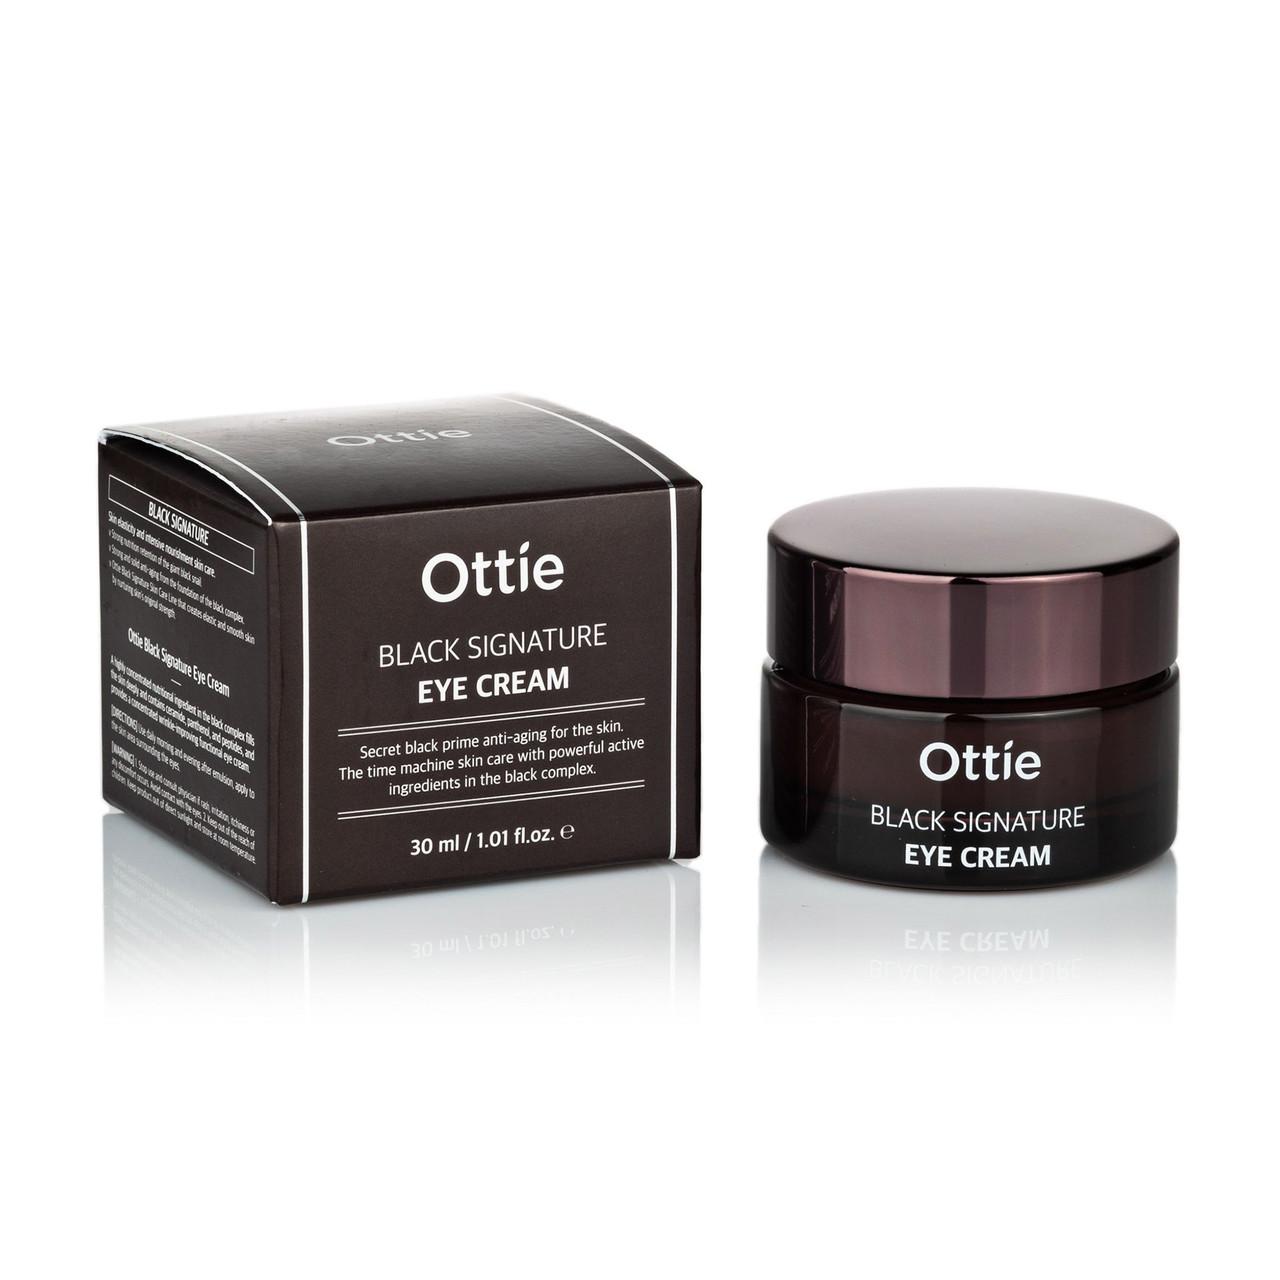 Премиальный крем для глаз Ottie с муцином черной улитки Black Signature Eye Cream